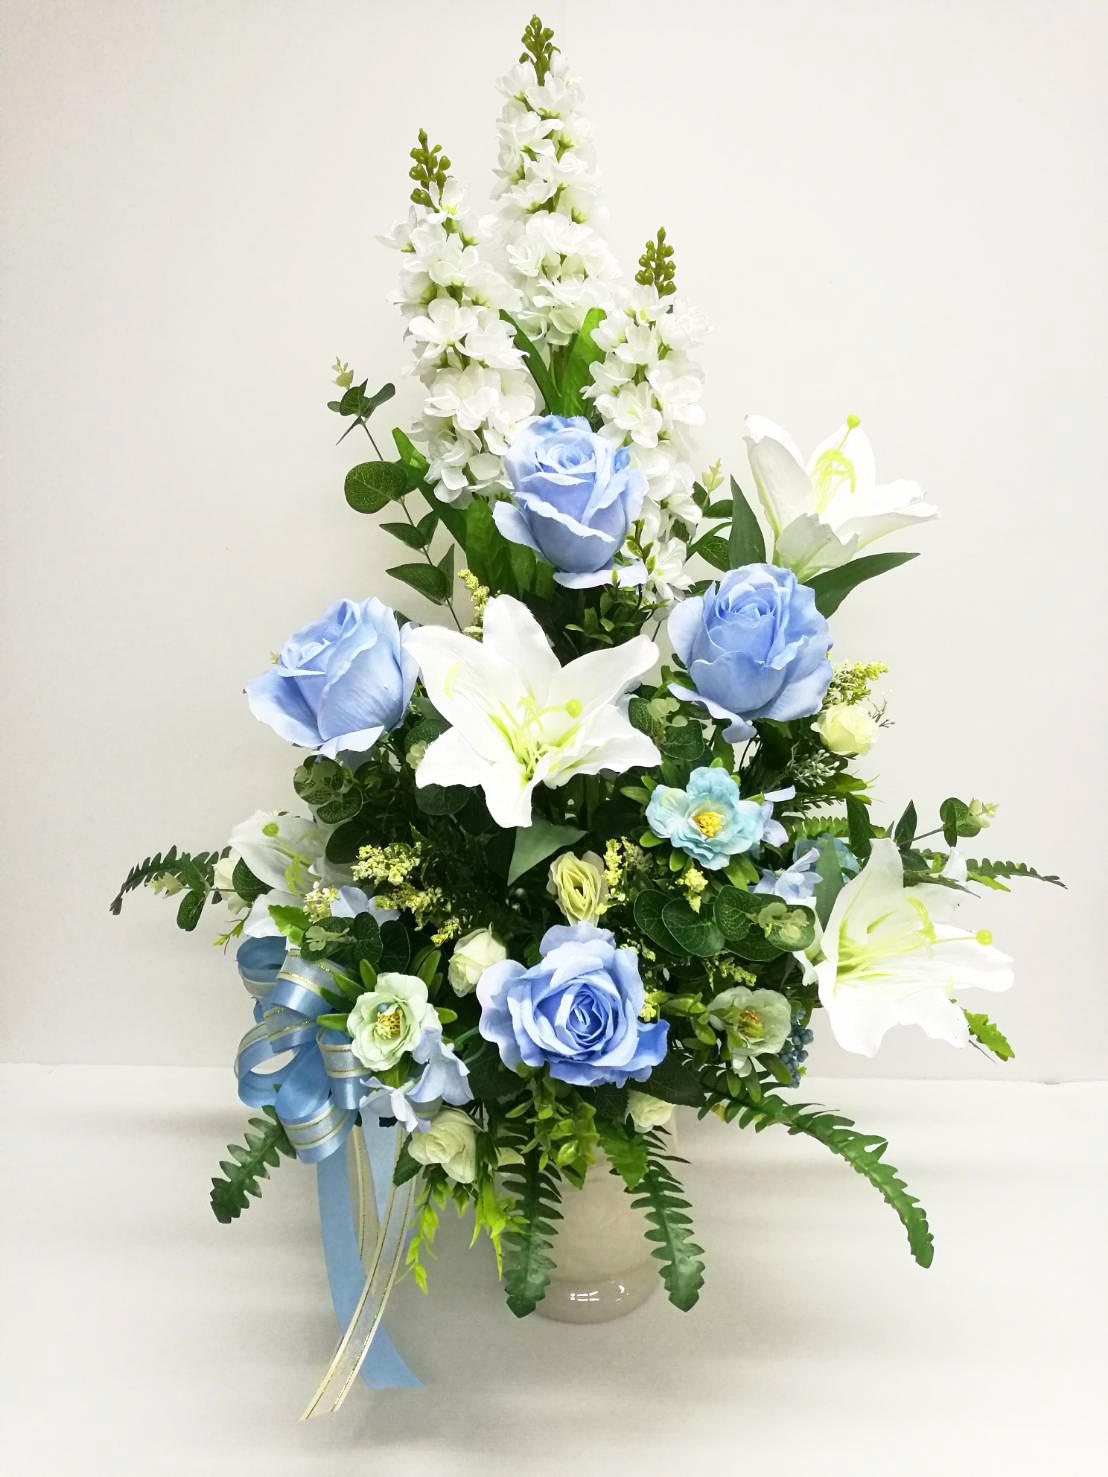 แจกันดอกไม้ประดิษฐ์กุหลาบฟ้าใหญ่ รหัส 3083